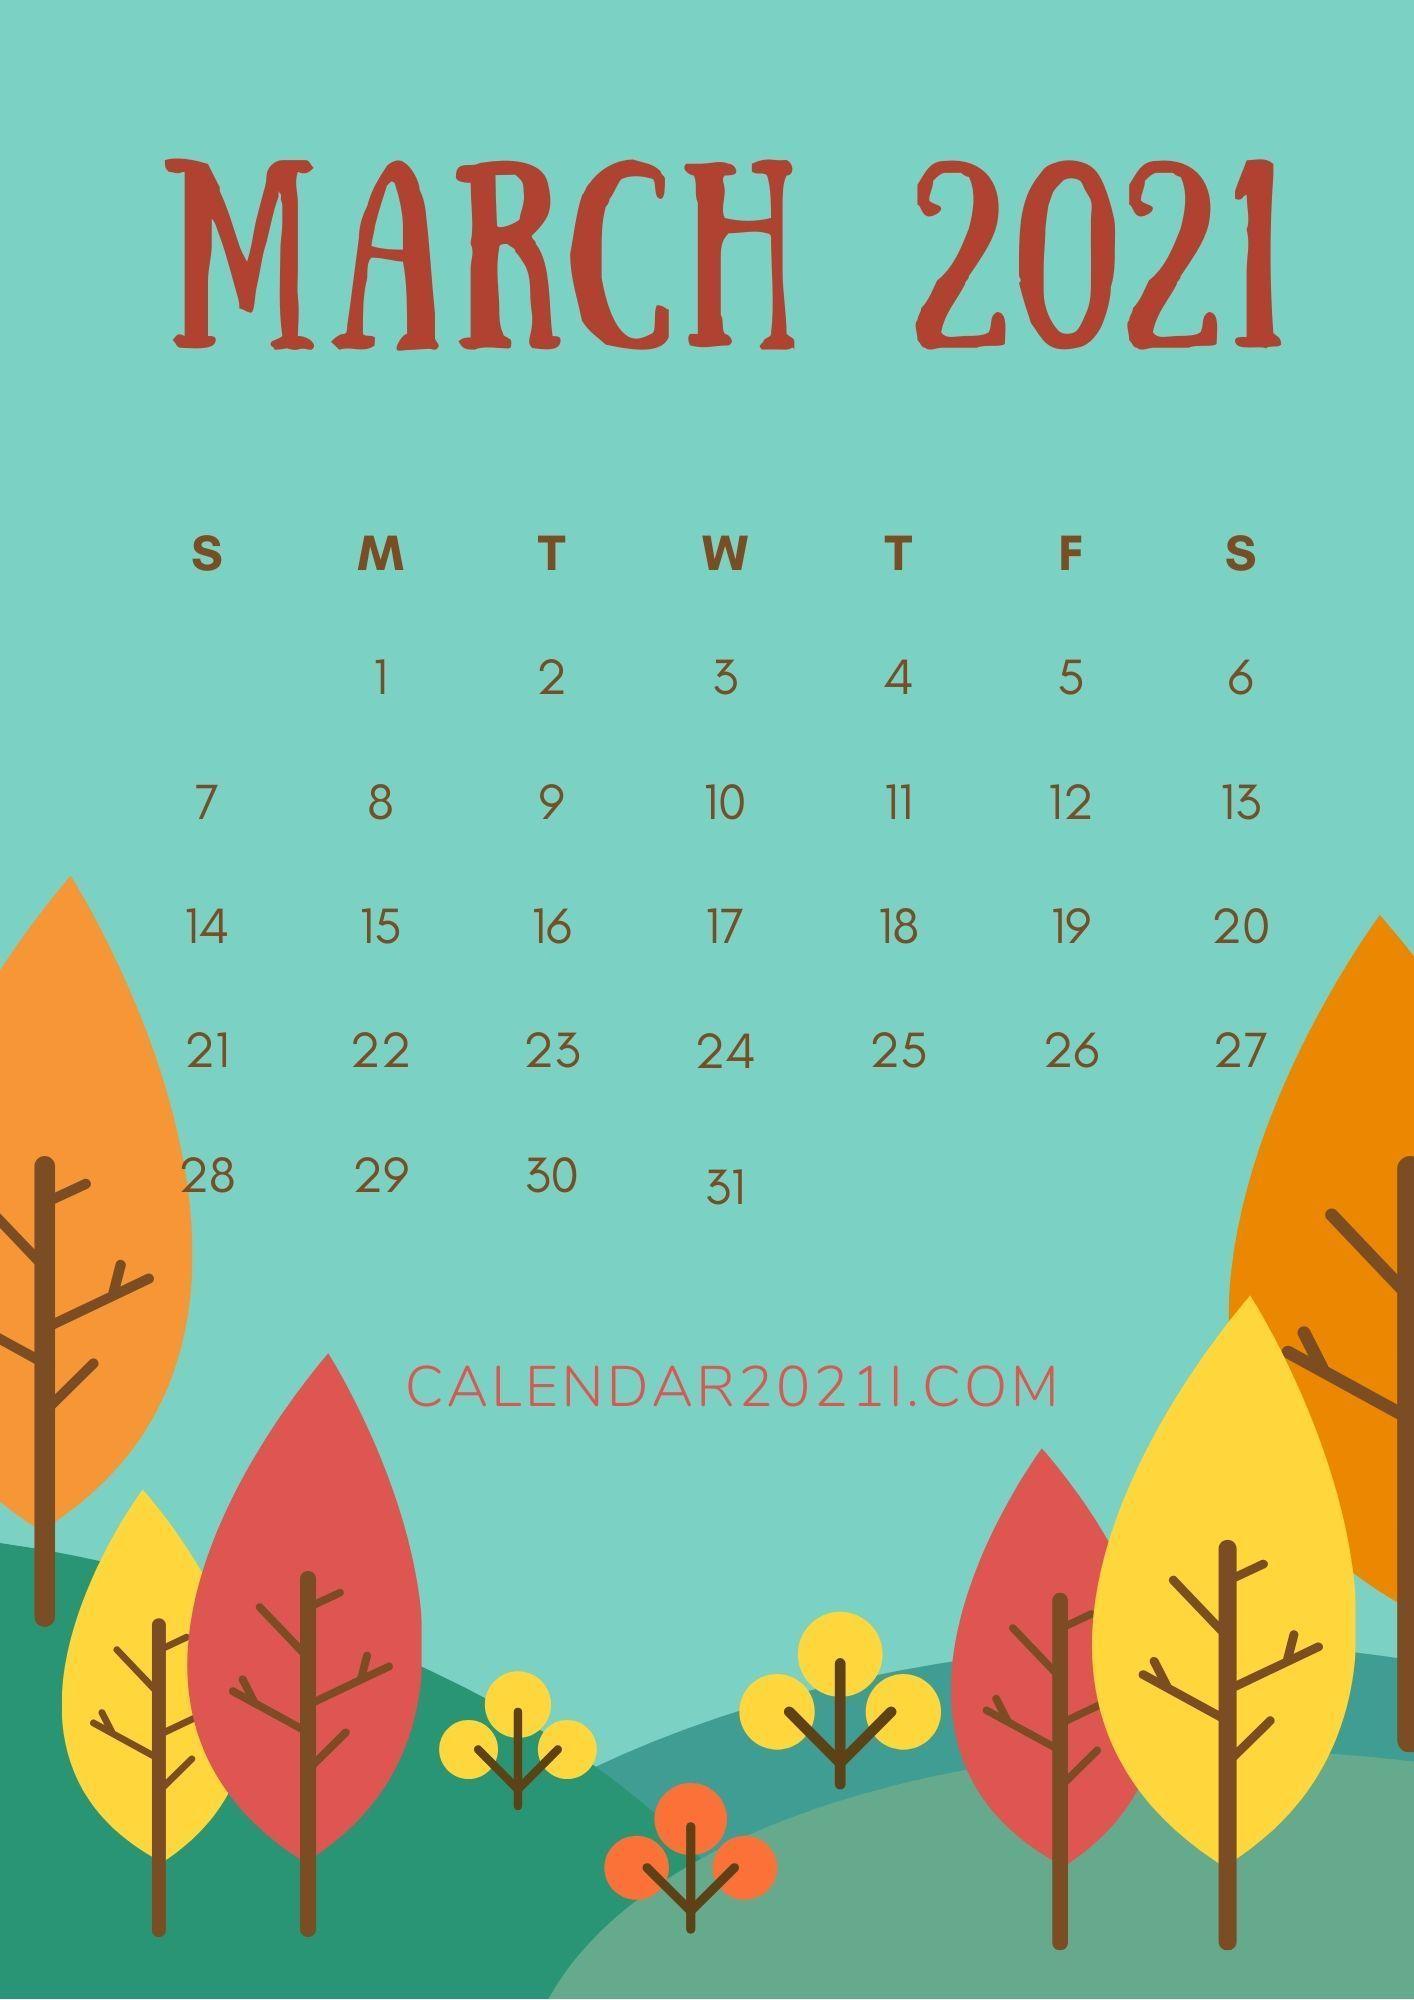 March 2021 Wallpaper Calendar Photos